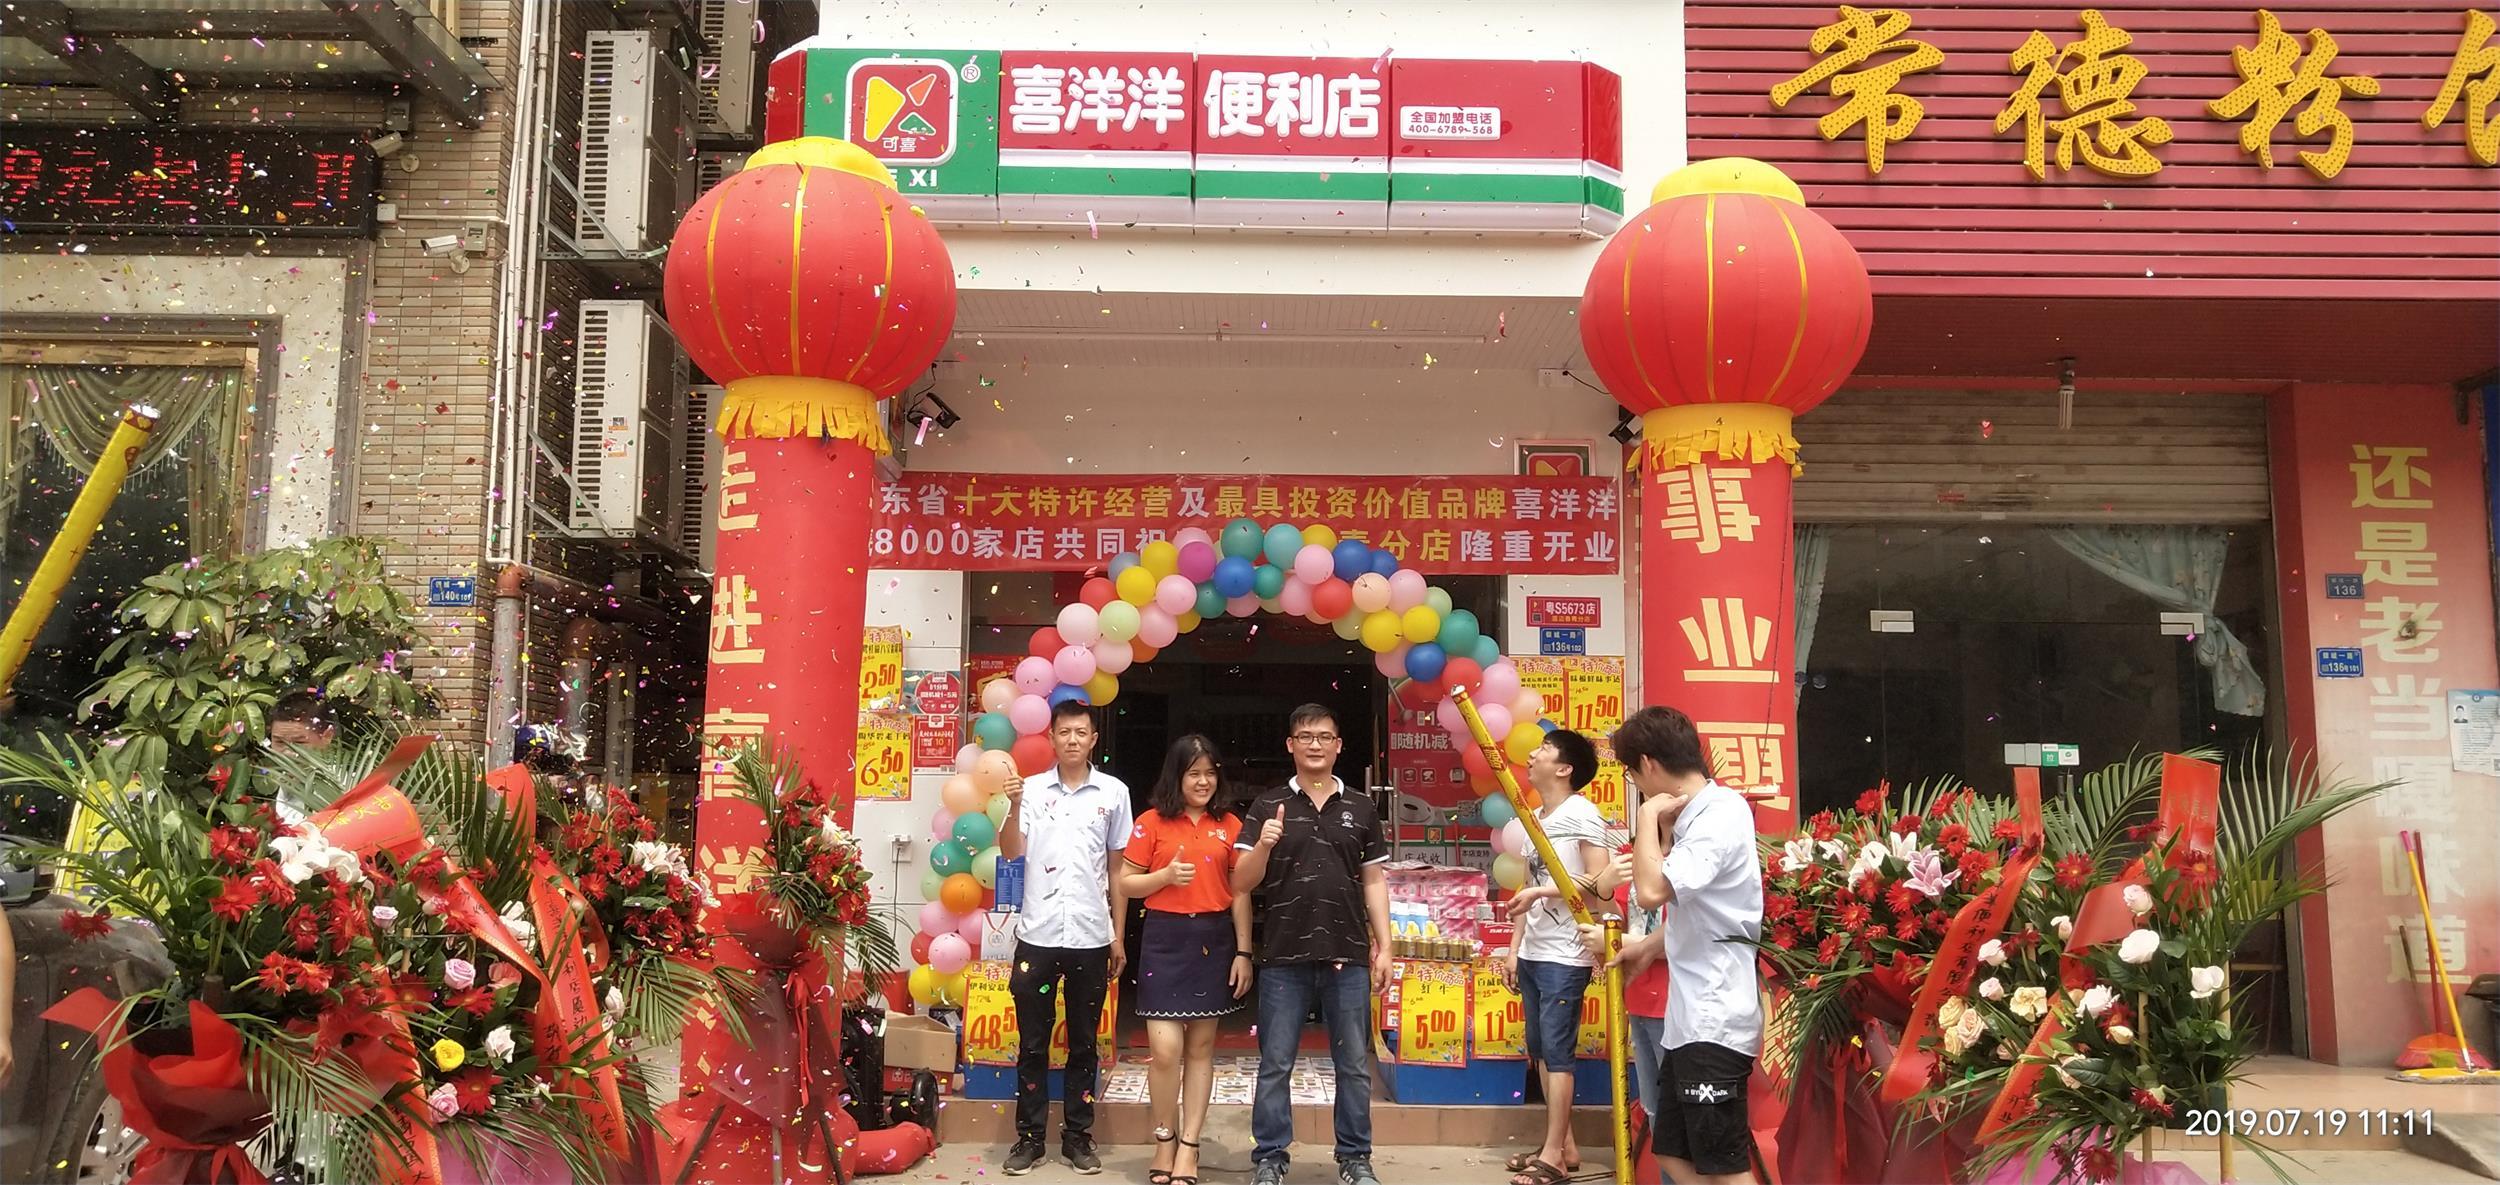 热烈祝贺喜洋洋7月19日又迎来新店开业:厦边青春分店